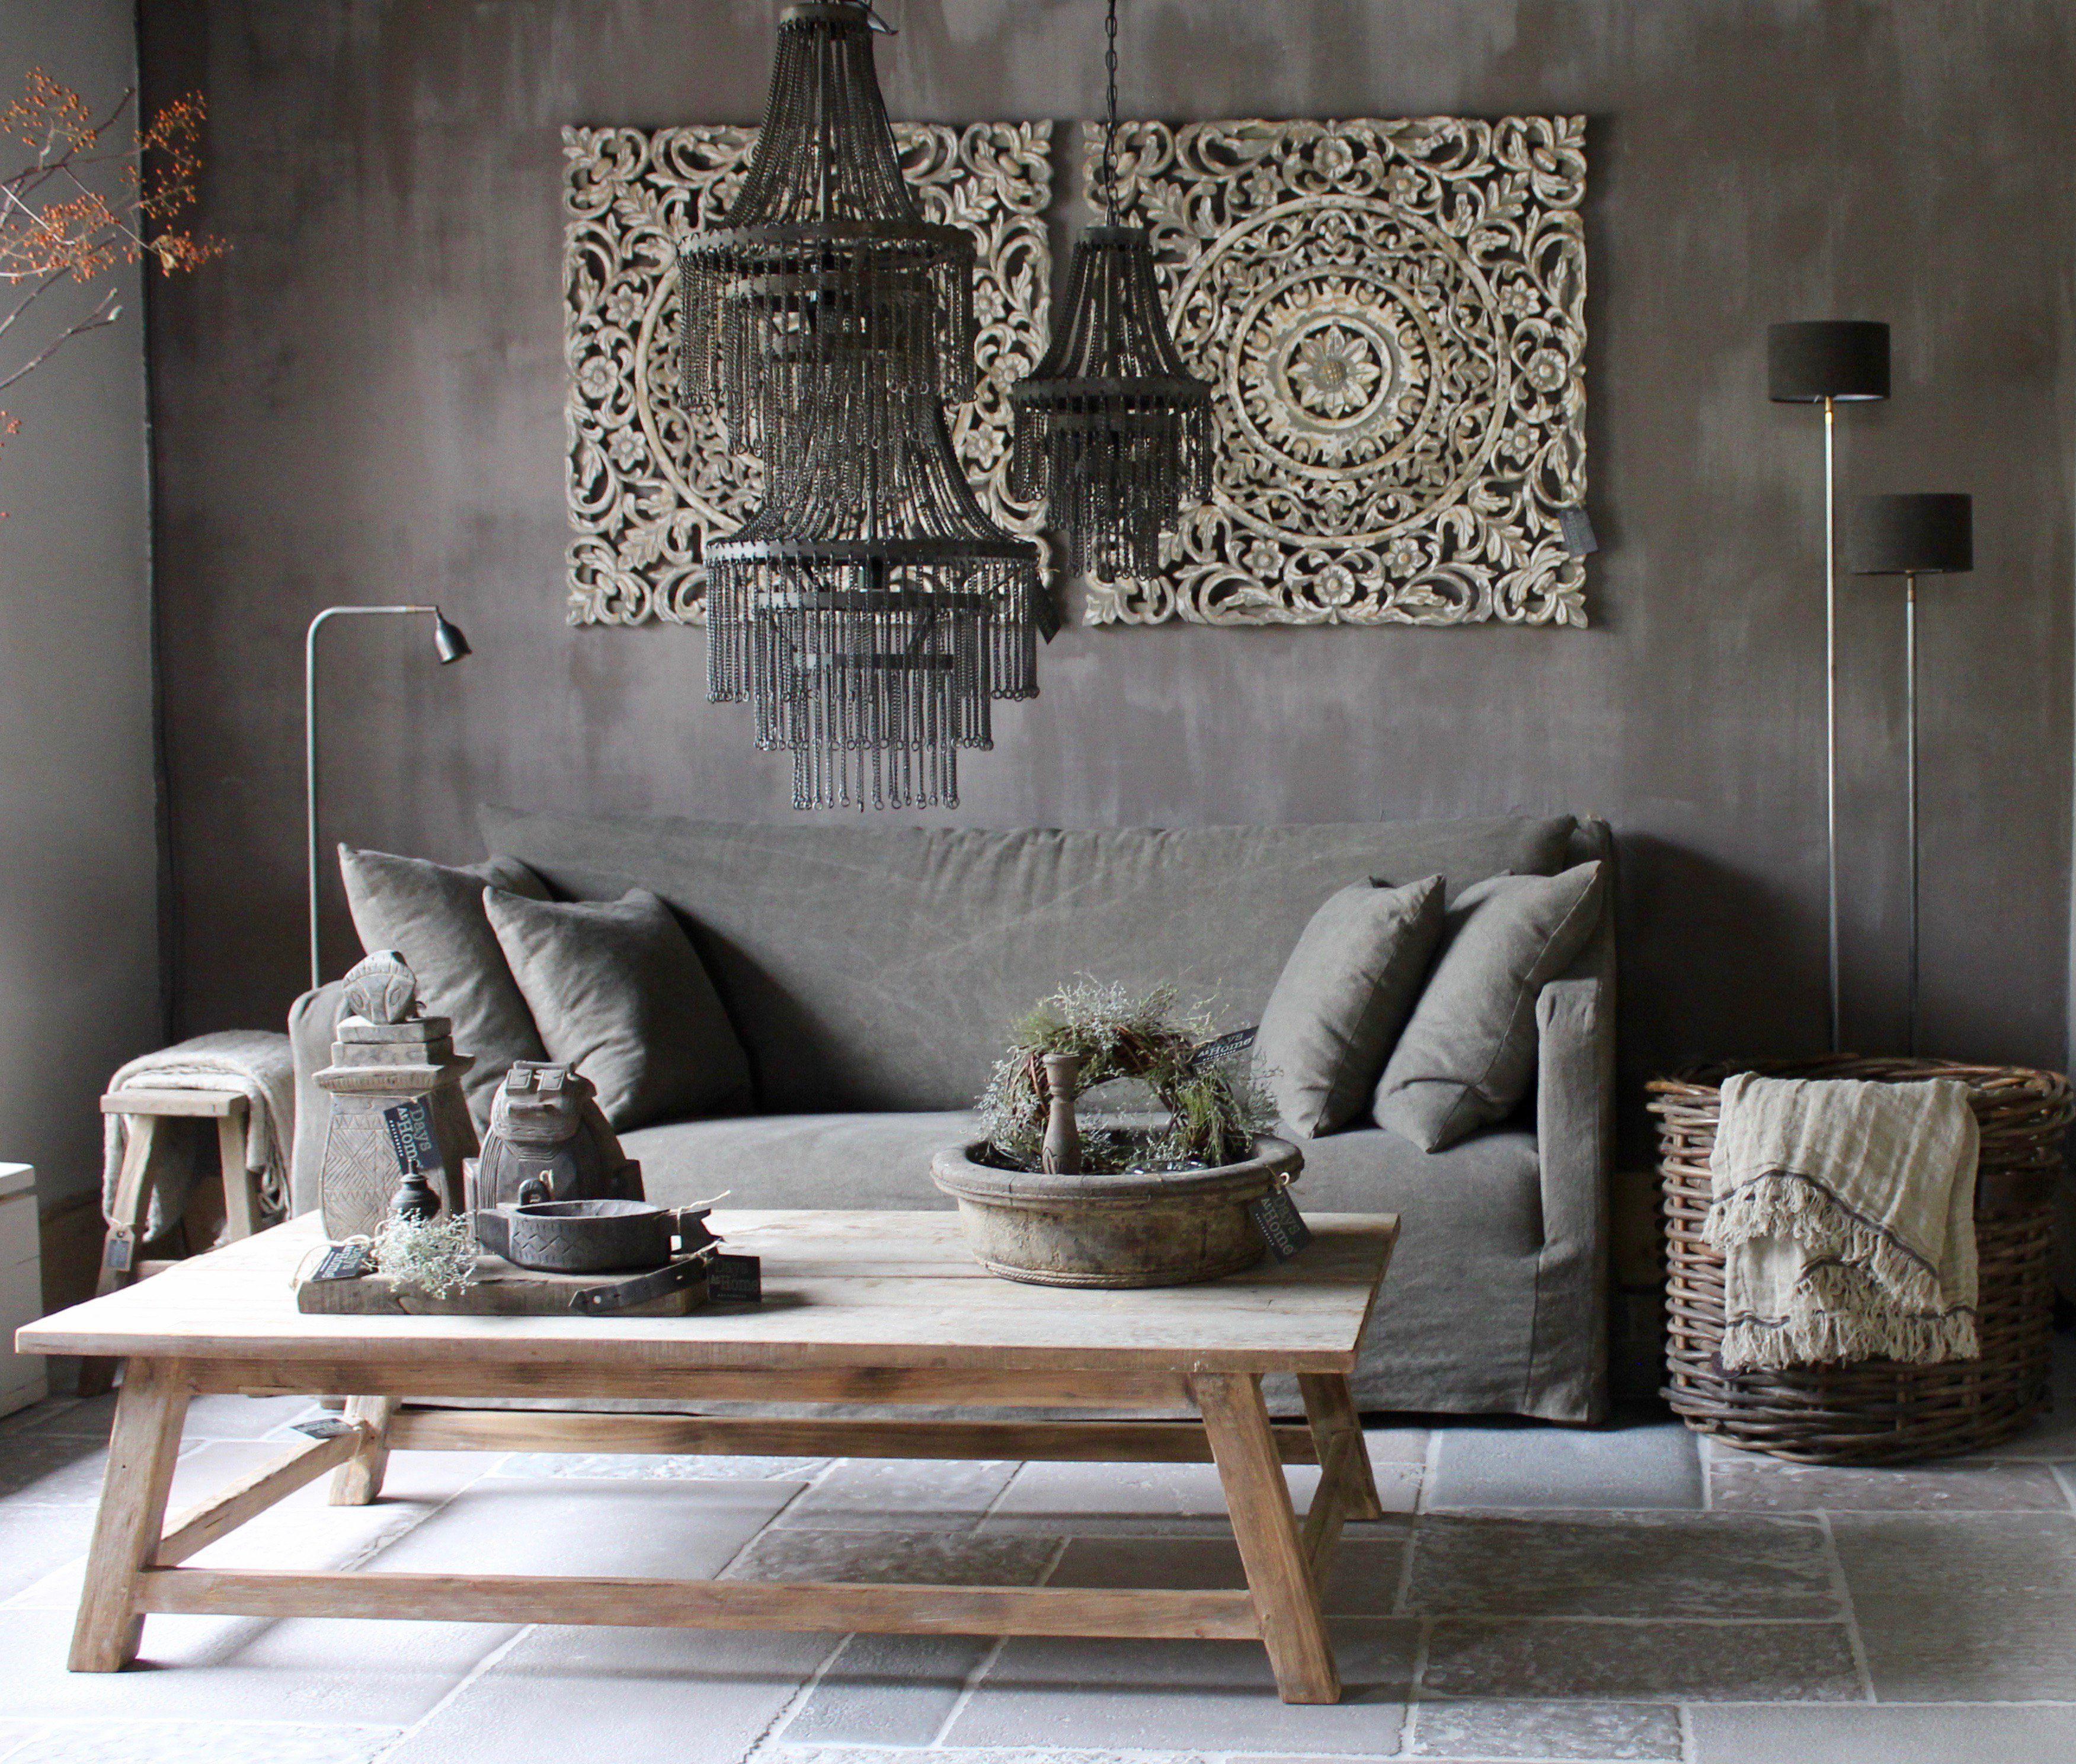 Afbeeldingsresultaat voor sober interieur | Huis | Pinterest ...